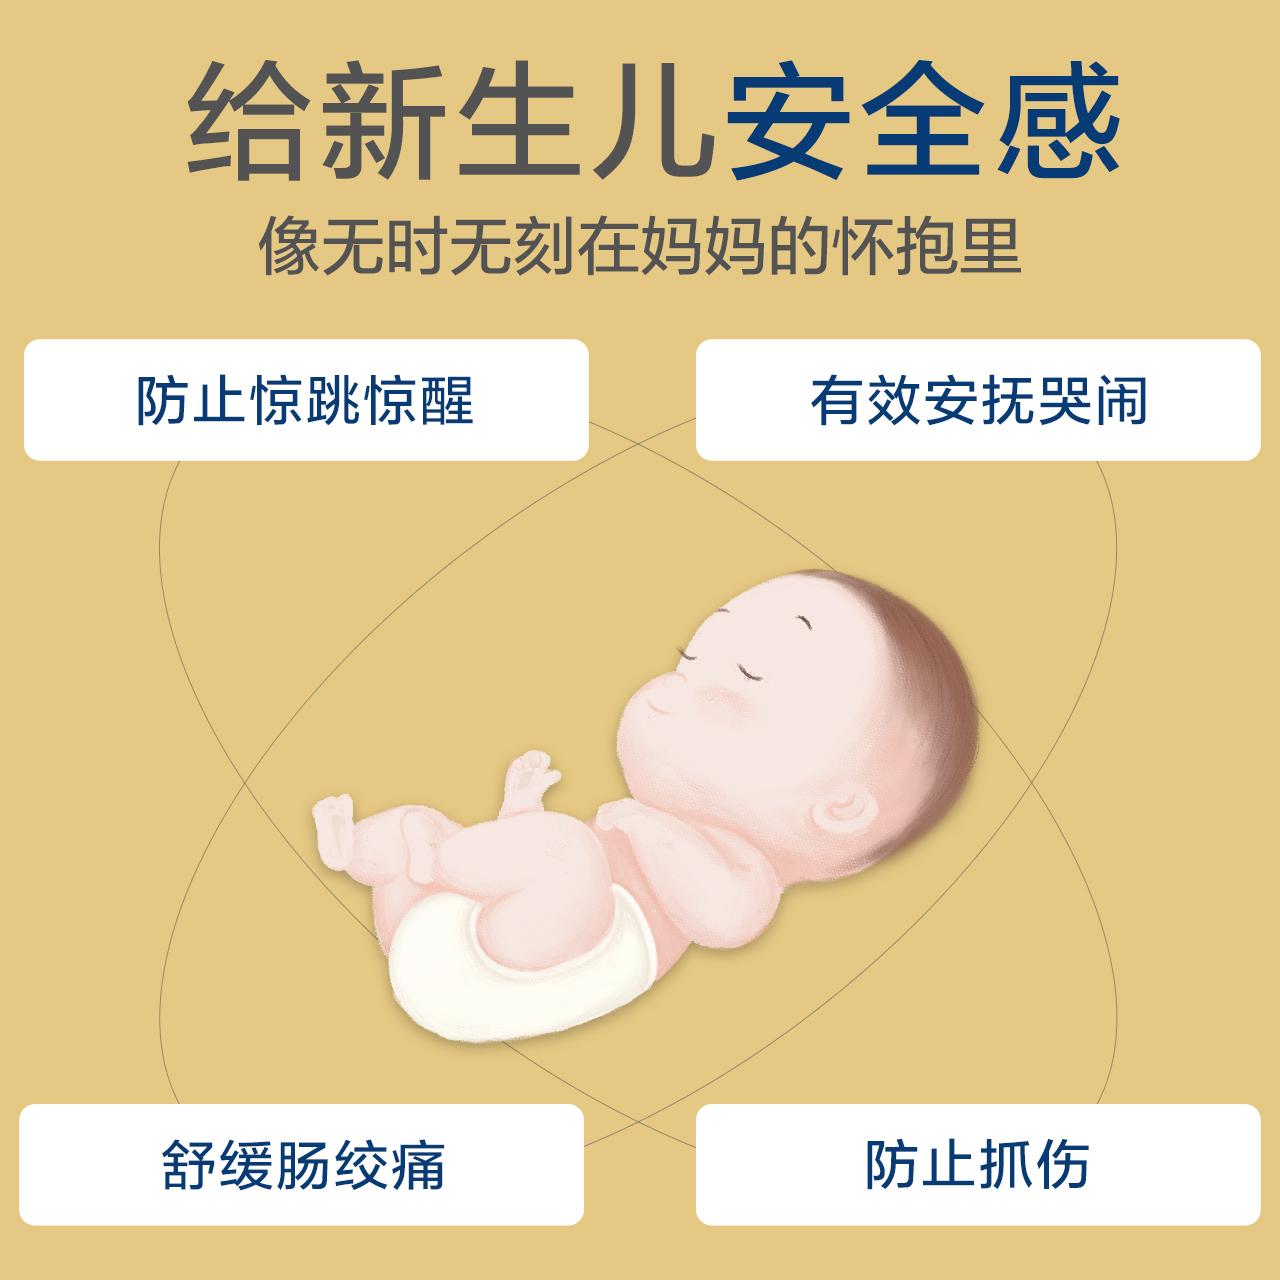 米乐鱼 婴儿纱布睡袋春夏新生儿0-6个月防惊跳宝宝睡袋夏季薄款